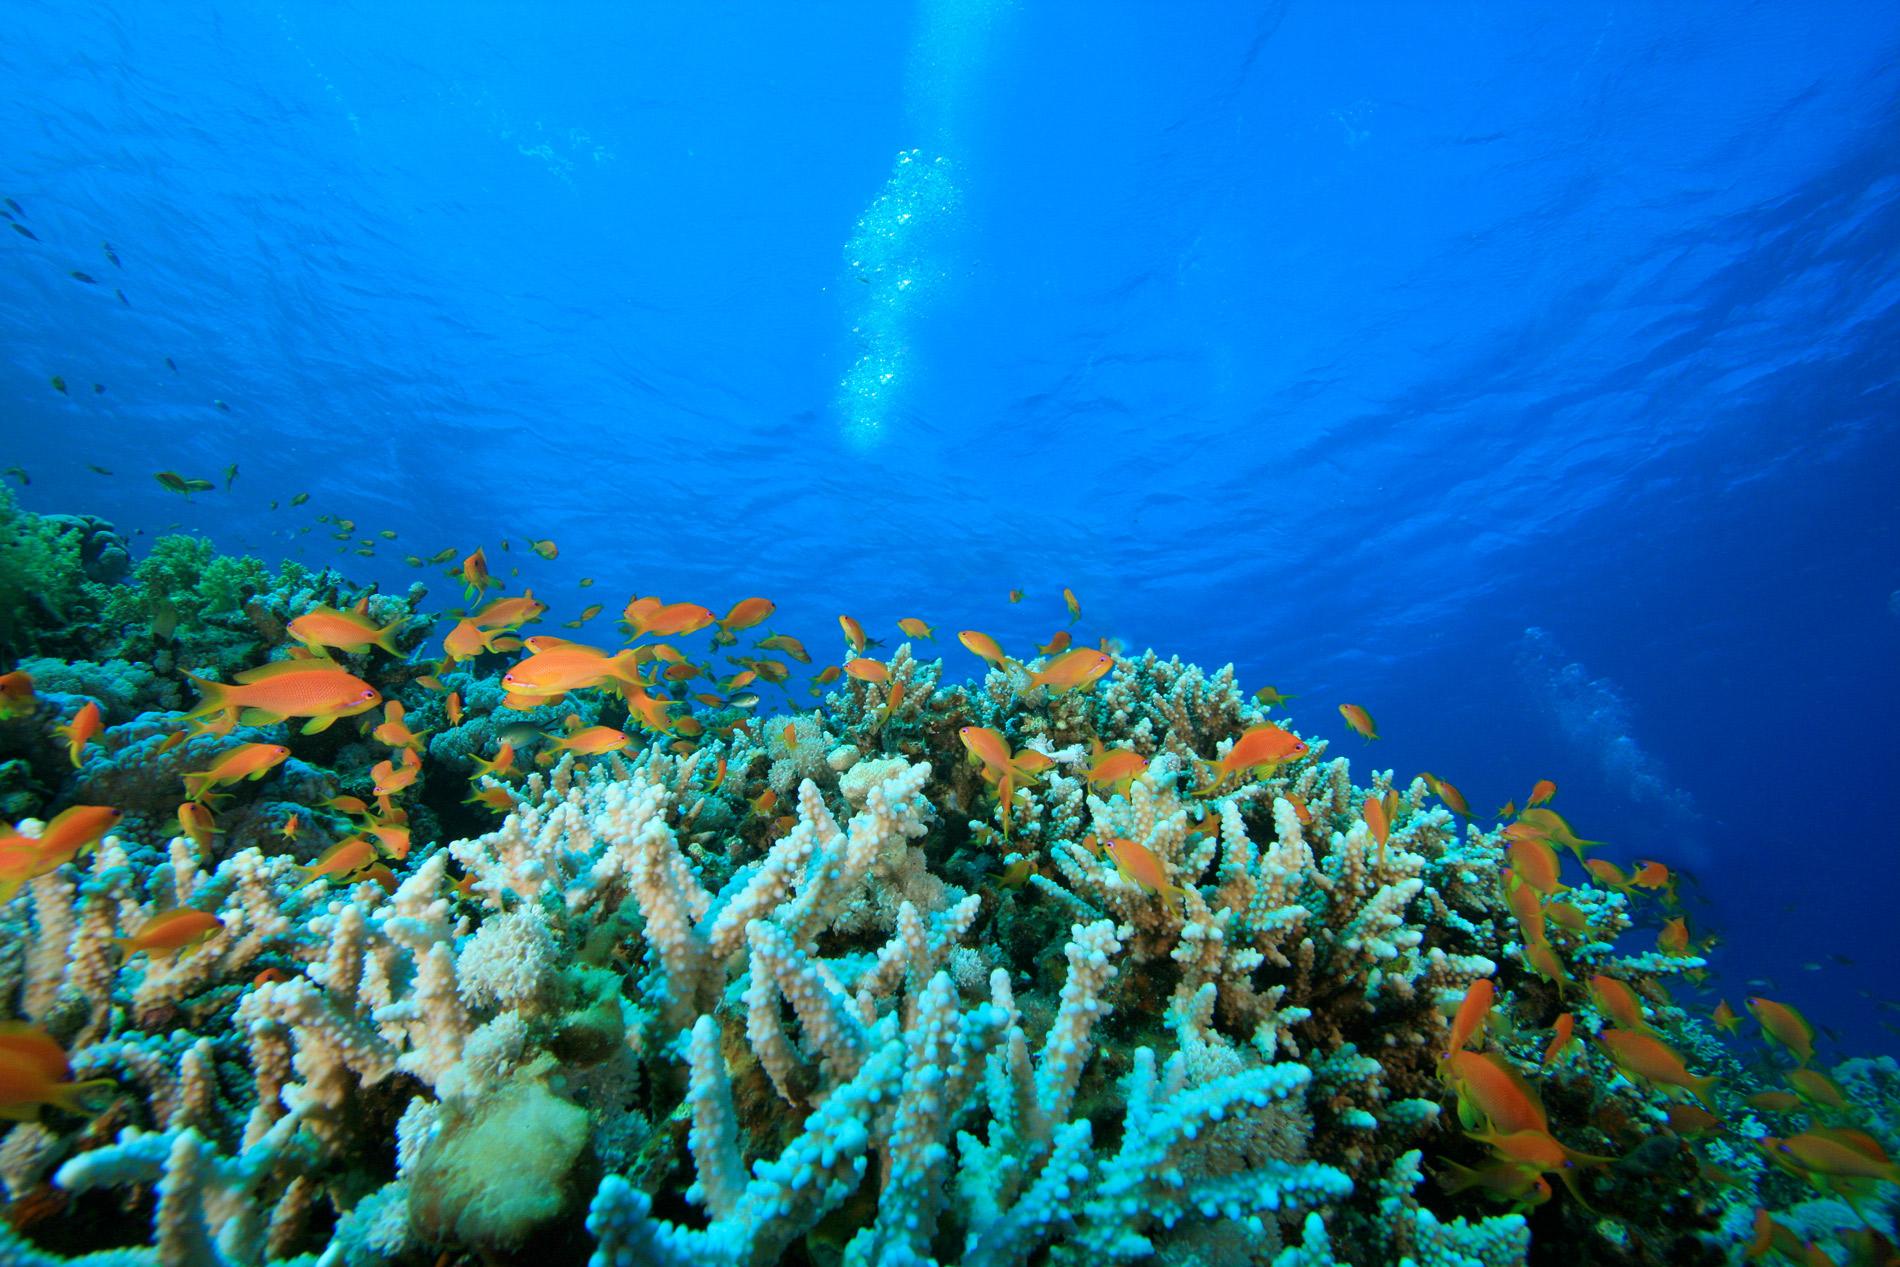 deep-sea-scuba-diving-thailand